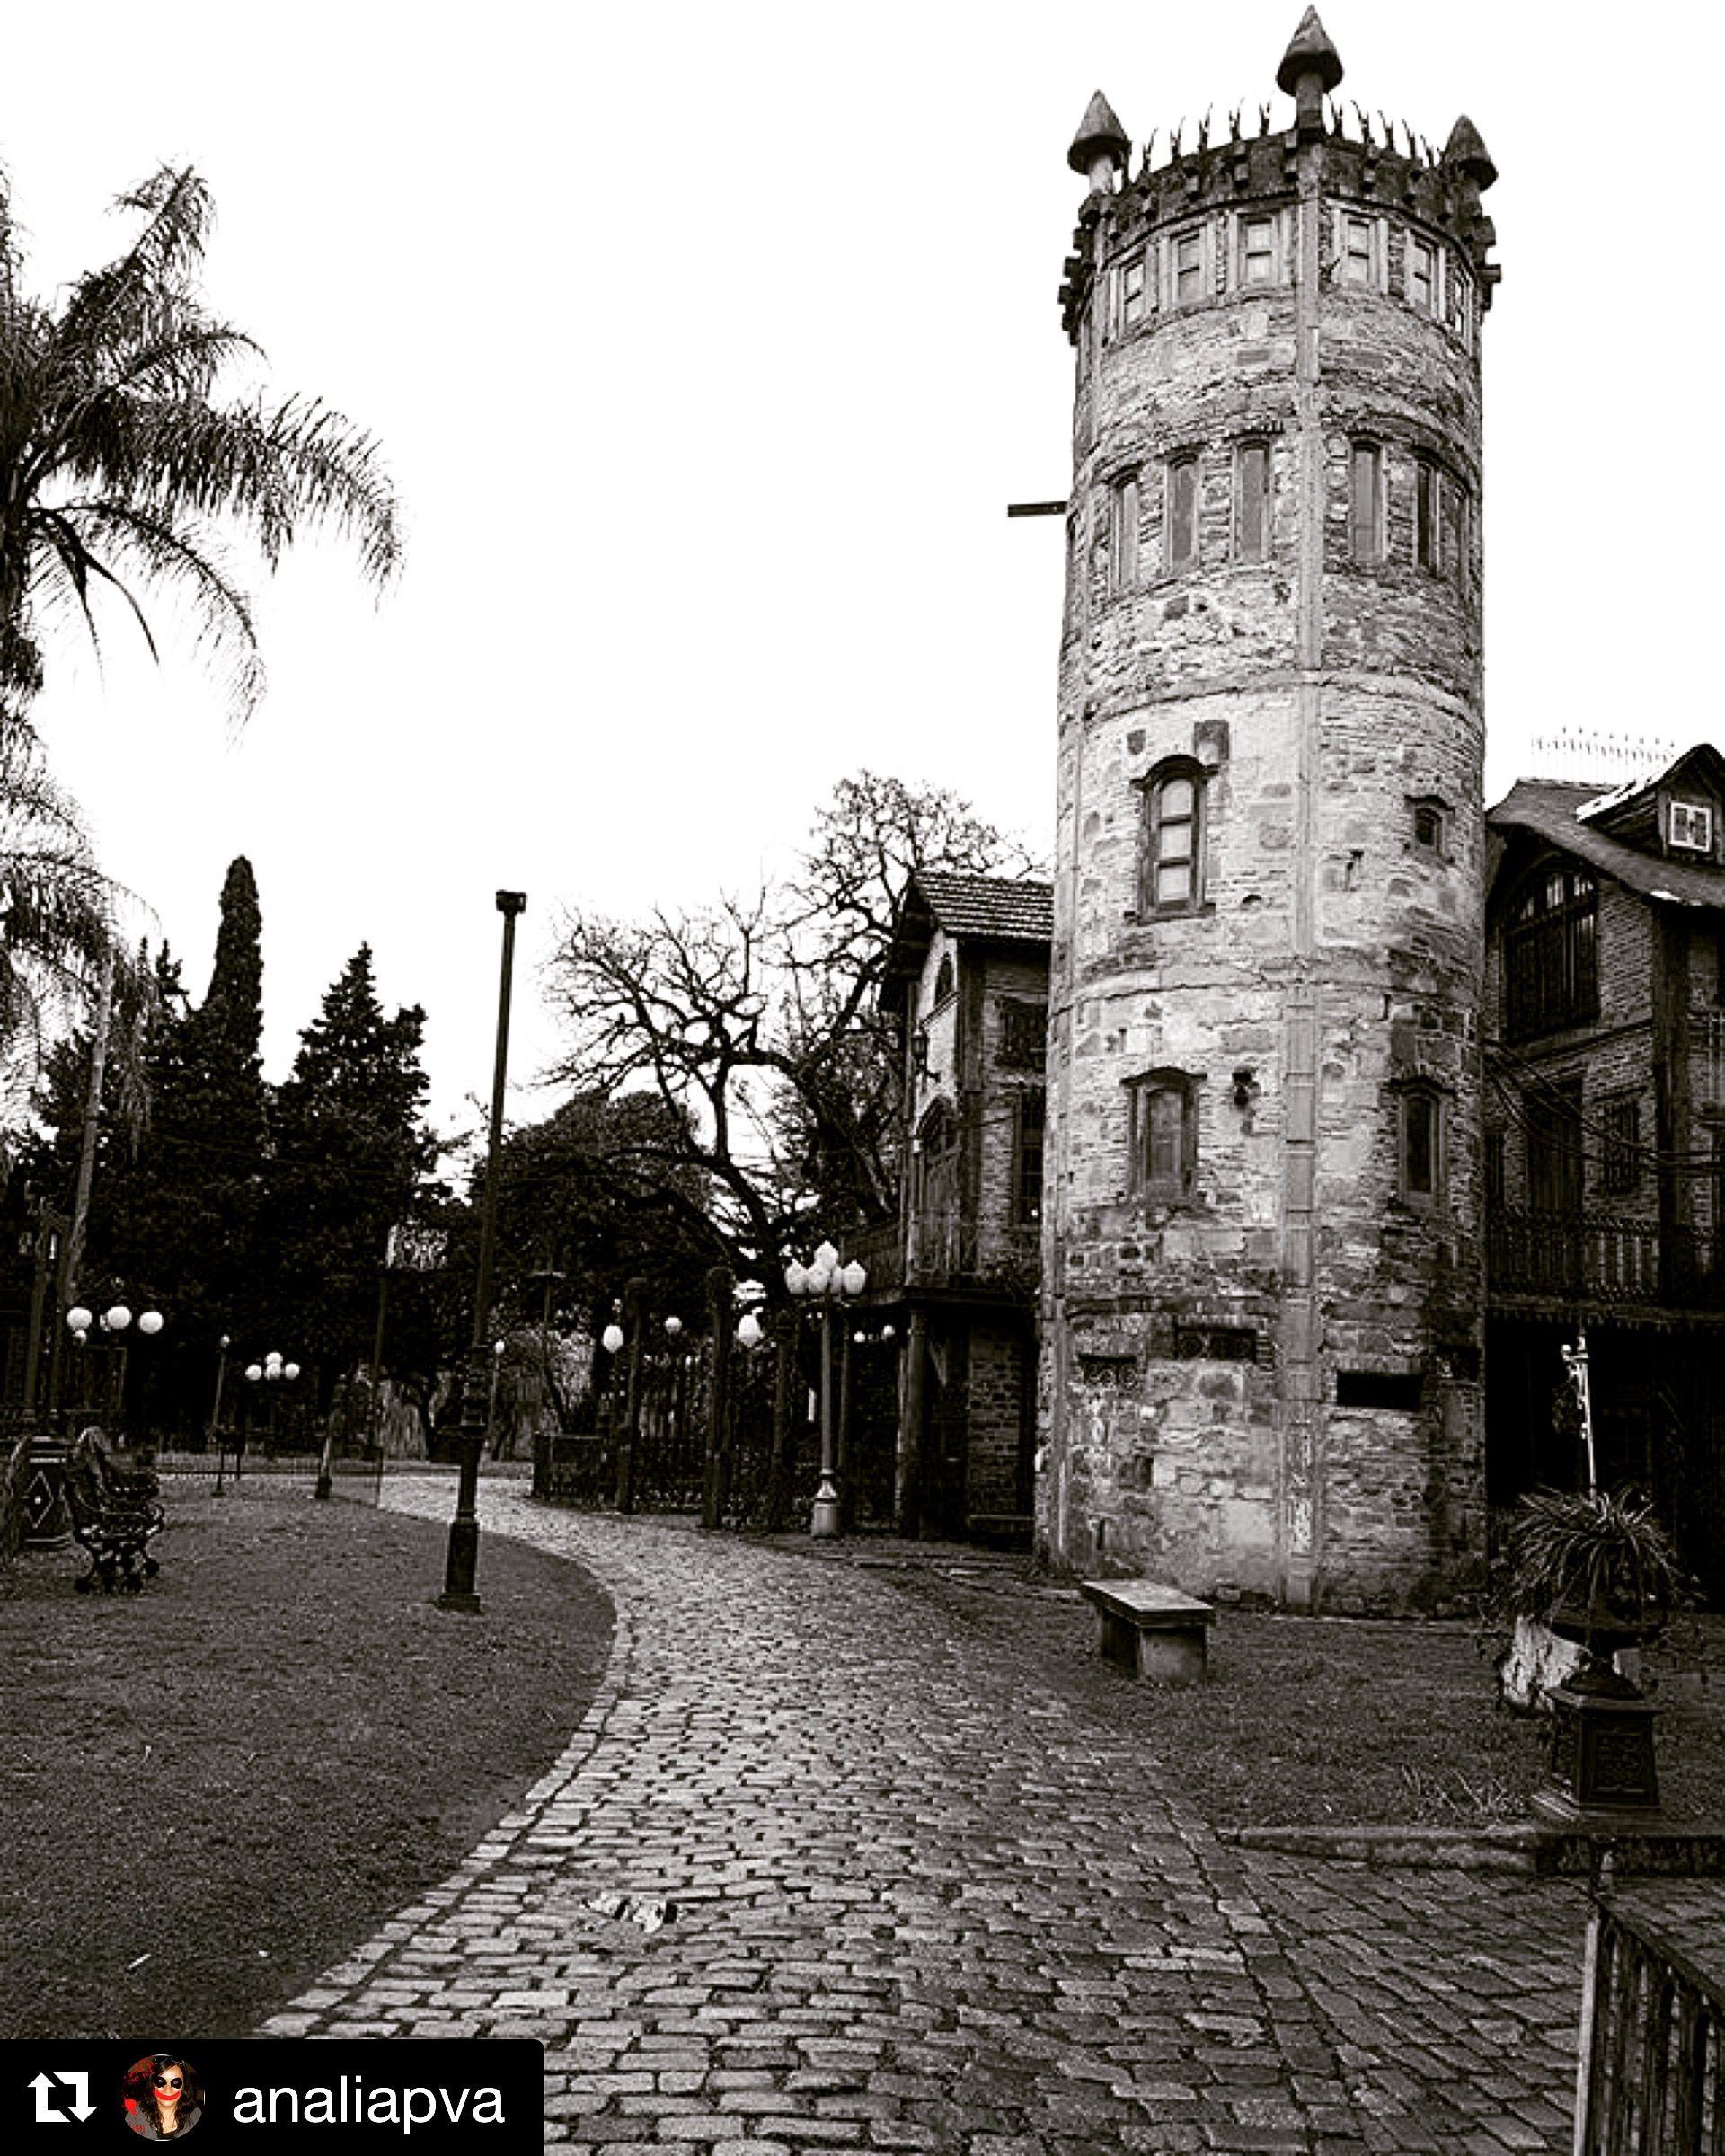 #Repost @analiapva ・・・ De visita en @campanopolis una hermosa #AldeaMedieval.. #Sábado.. #visitaguiada #TurismoBsAs #BsAs #BlancoYNegro